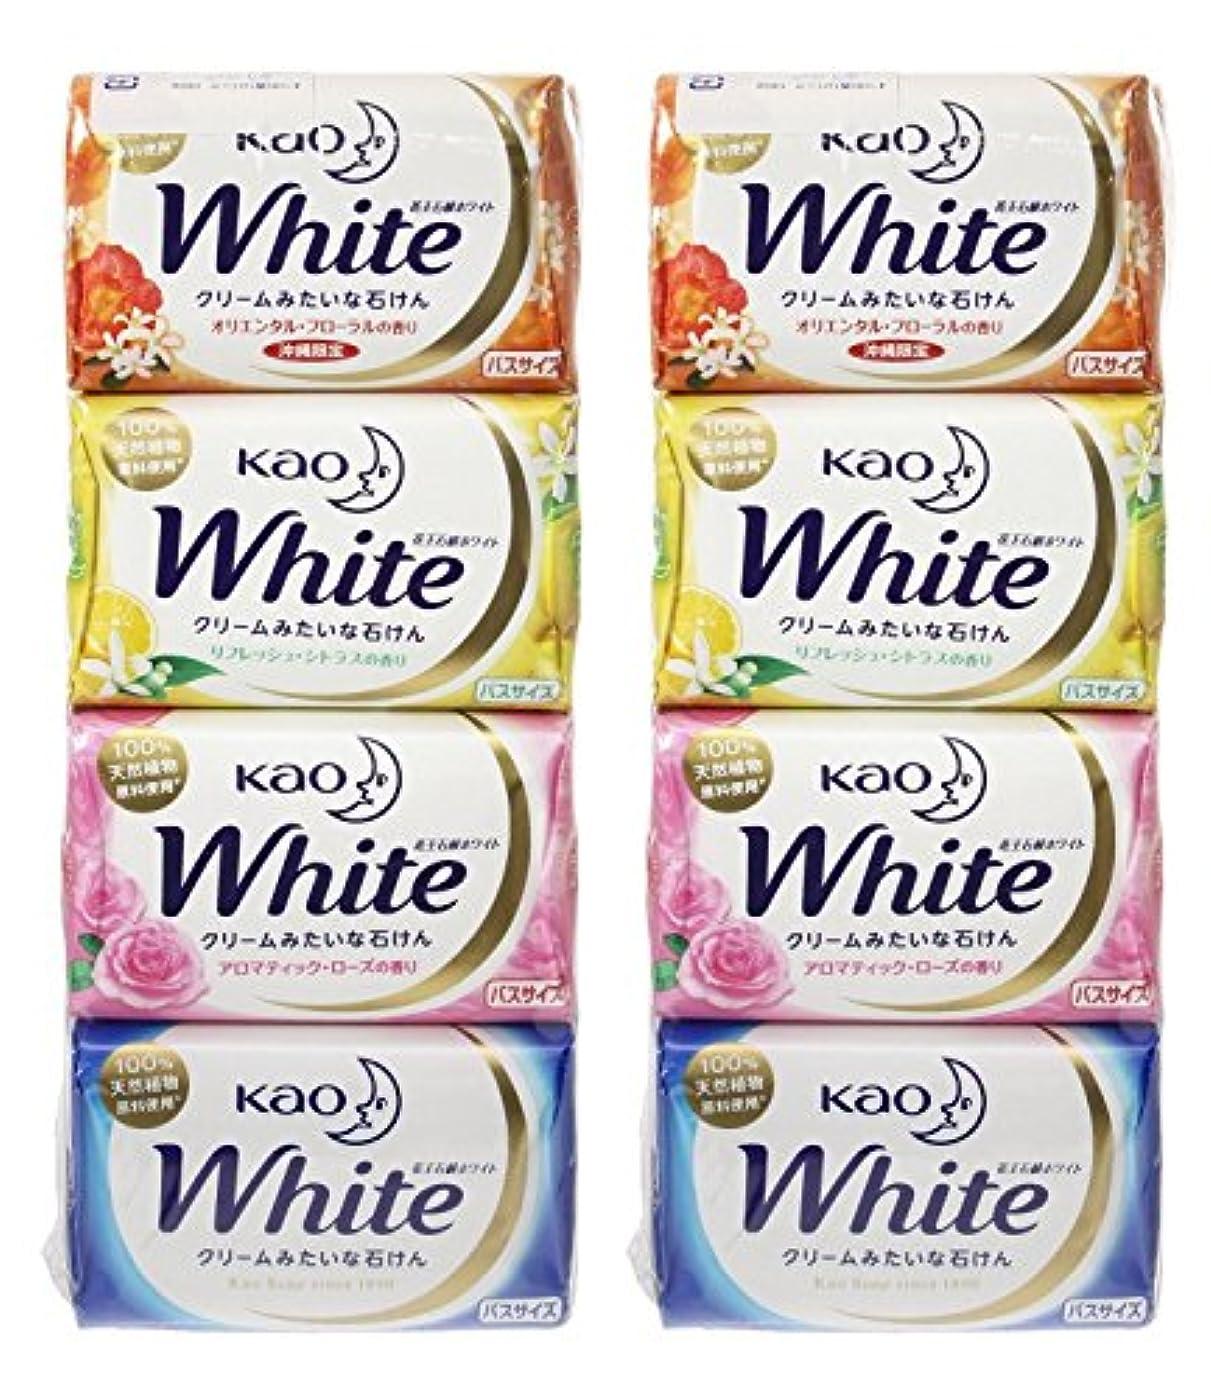 チャンピオンシップ上院処方する花王ホワイト 香りアソートパック バス12個×2